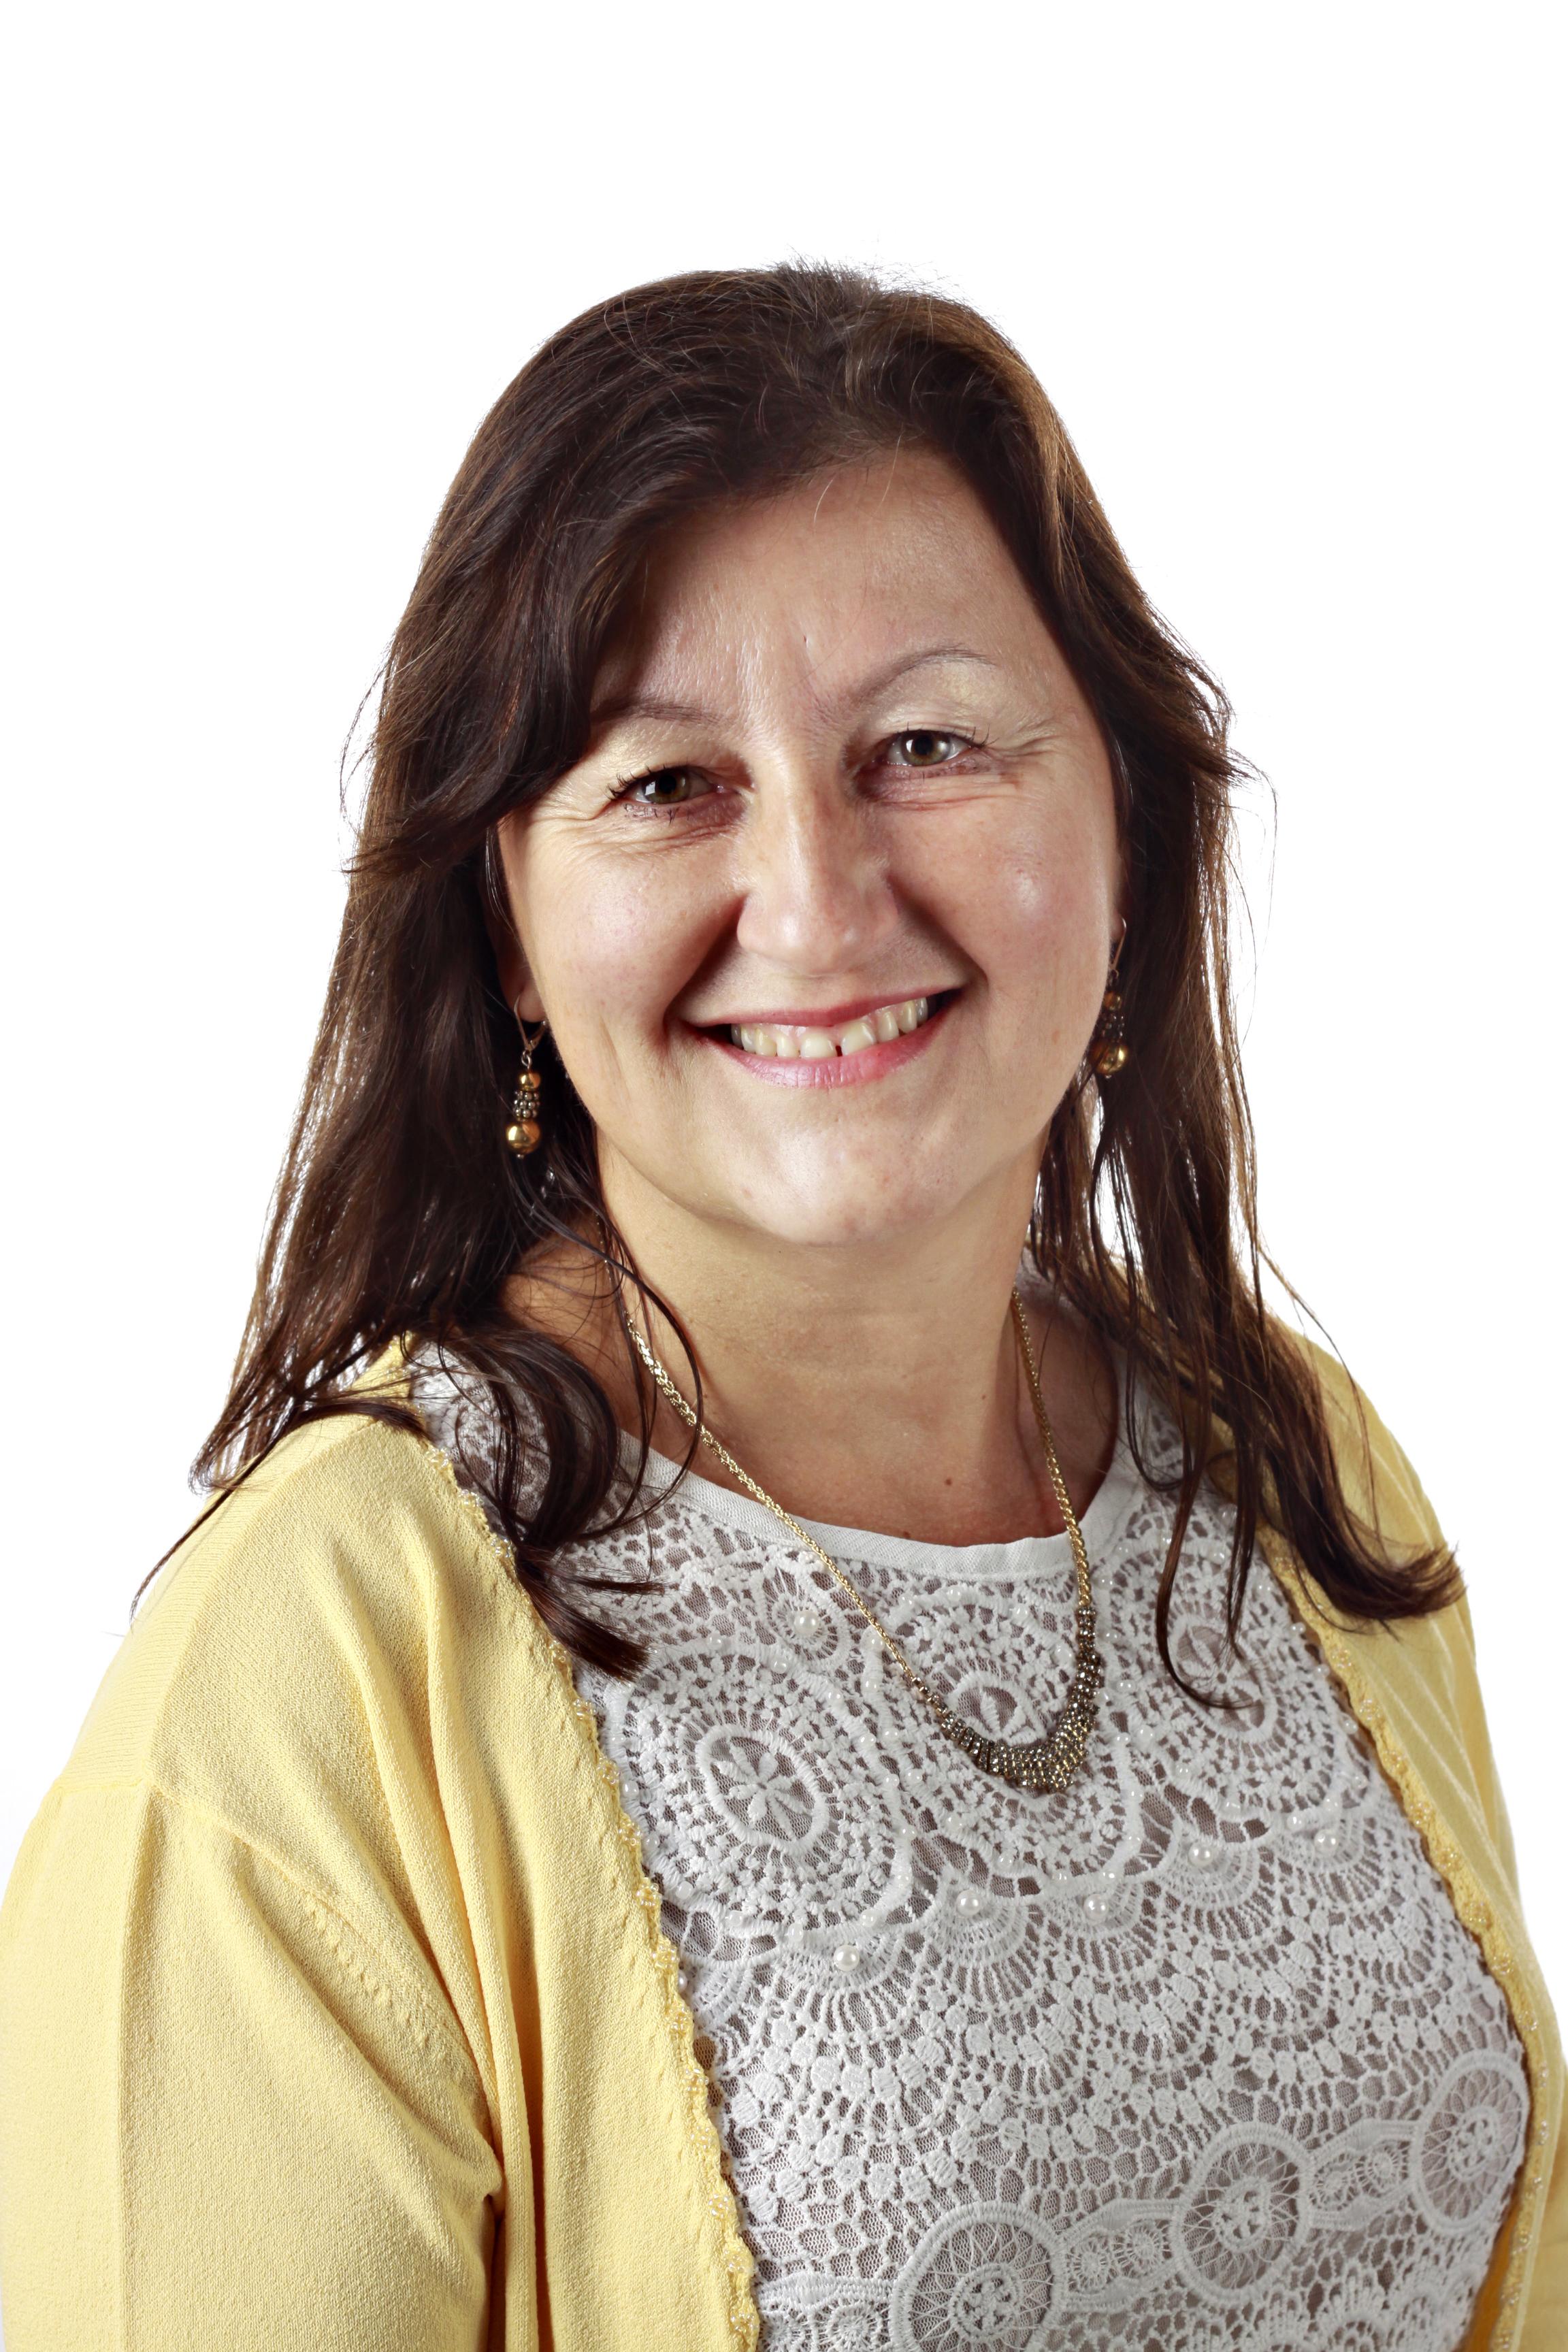 Myriam Bals